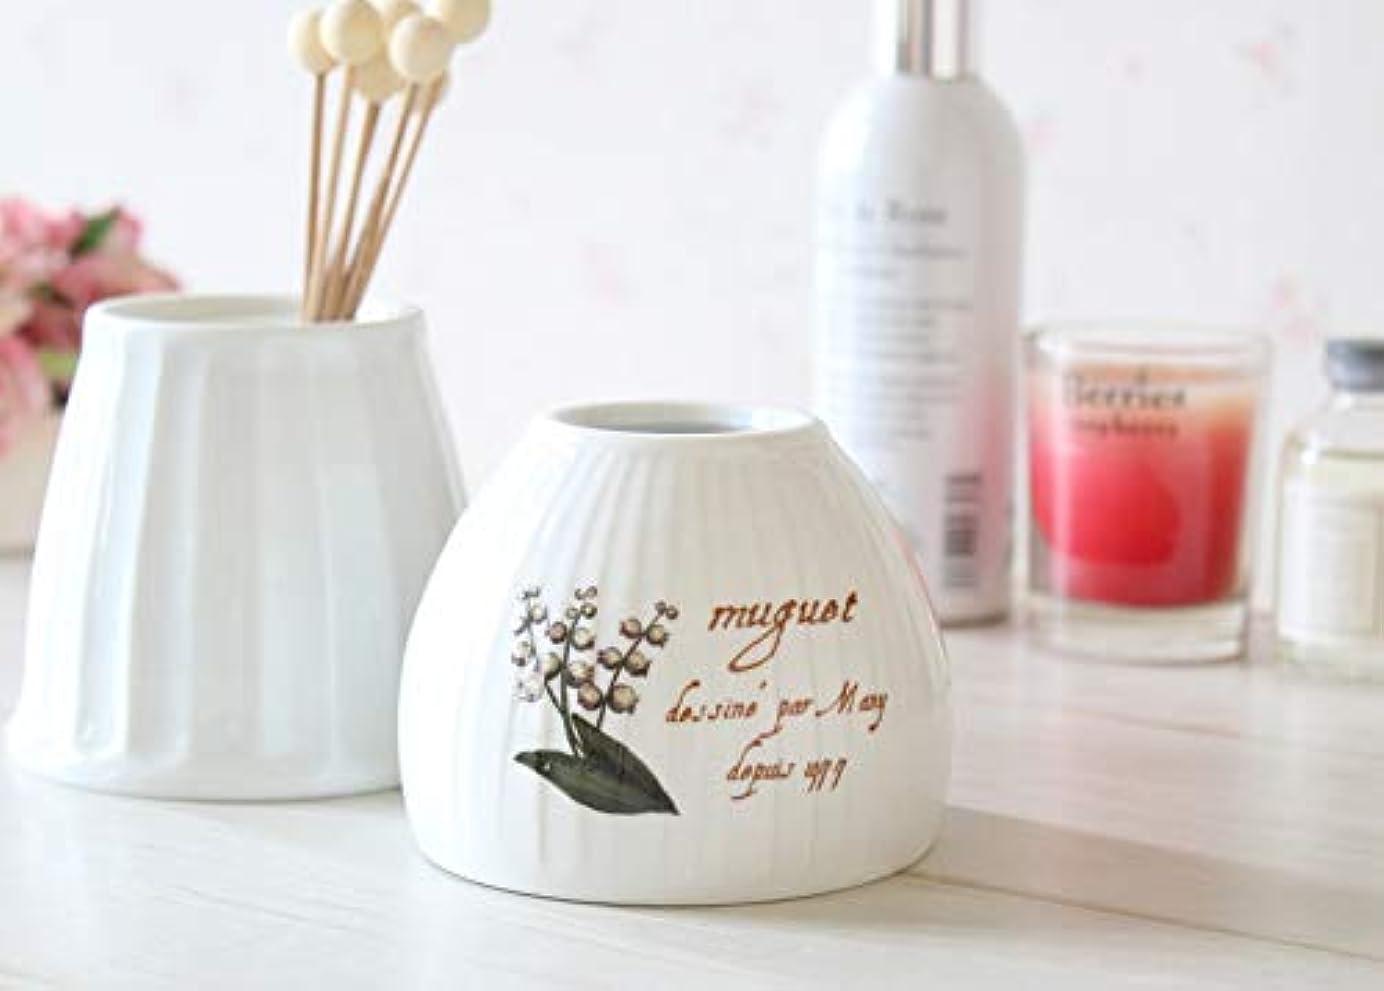 させる病院マスクマニー ミュゲ 陶器 ジュポン型アロマカバー